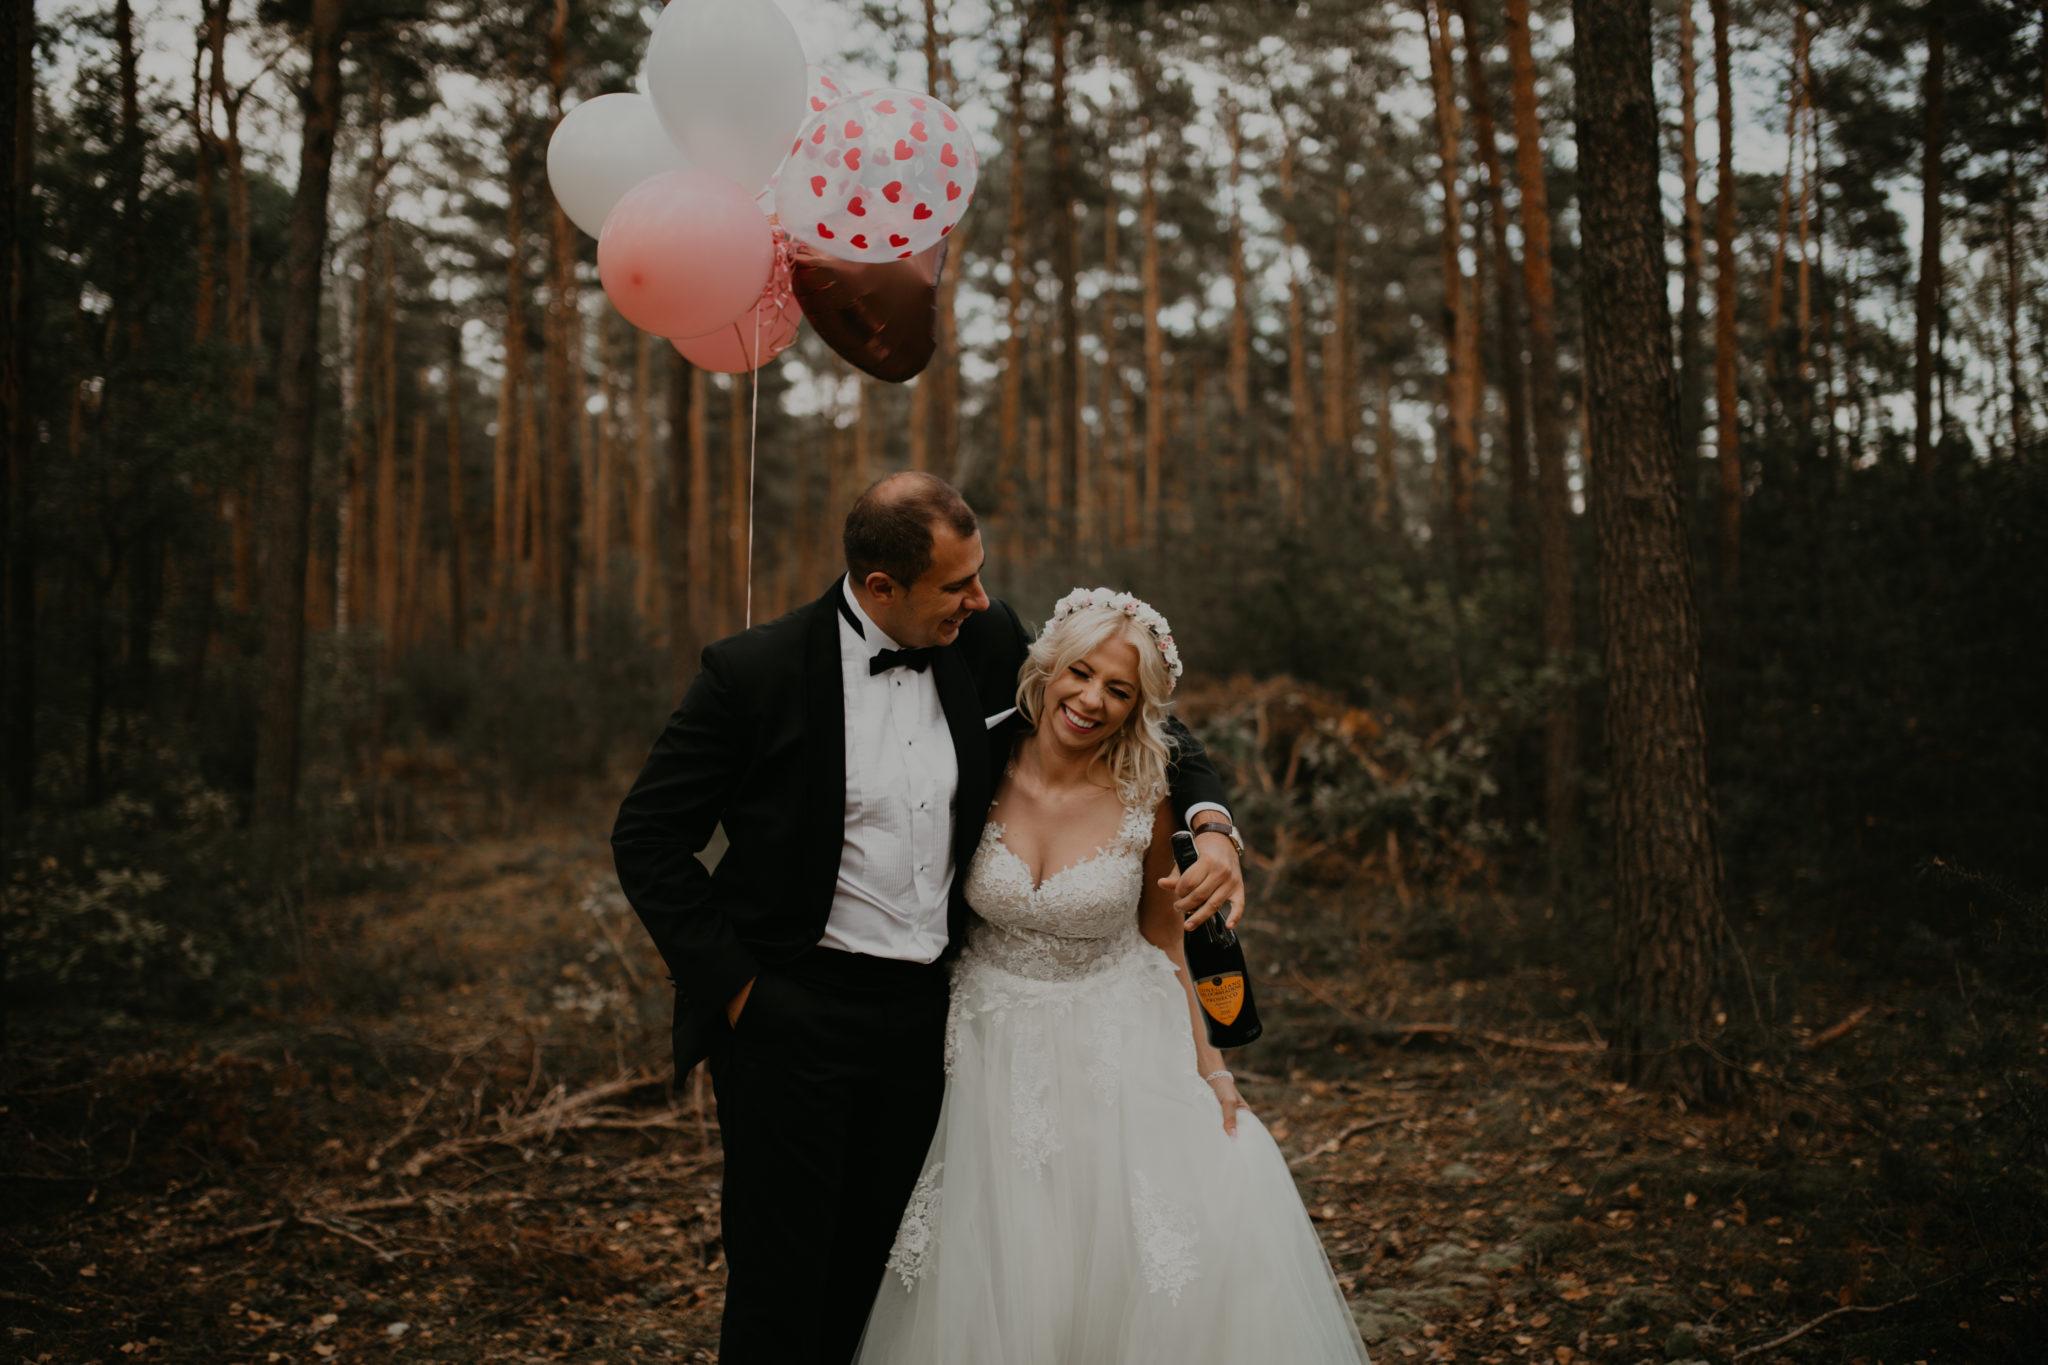 asia i mateuszplener 20 - fotografiaam Fotografia ślubna RK wedding